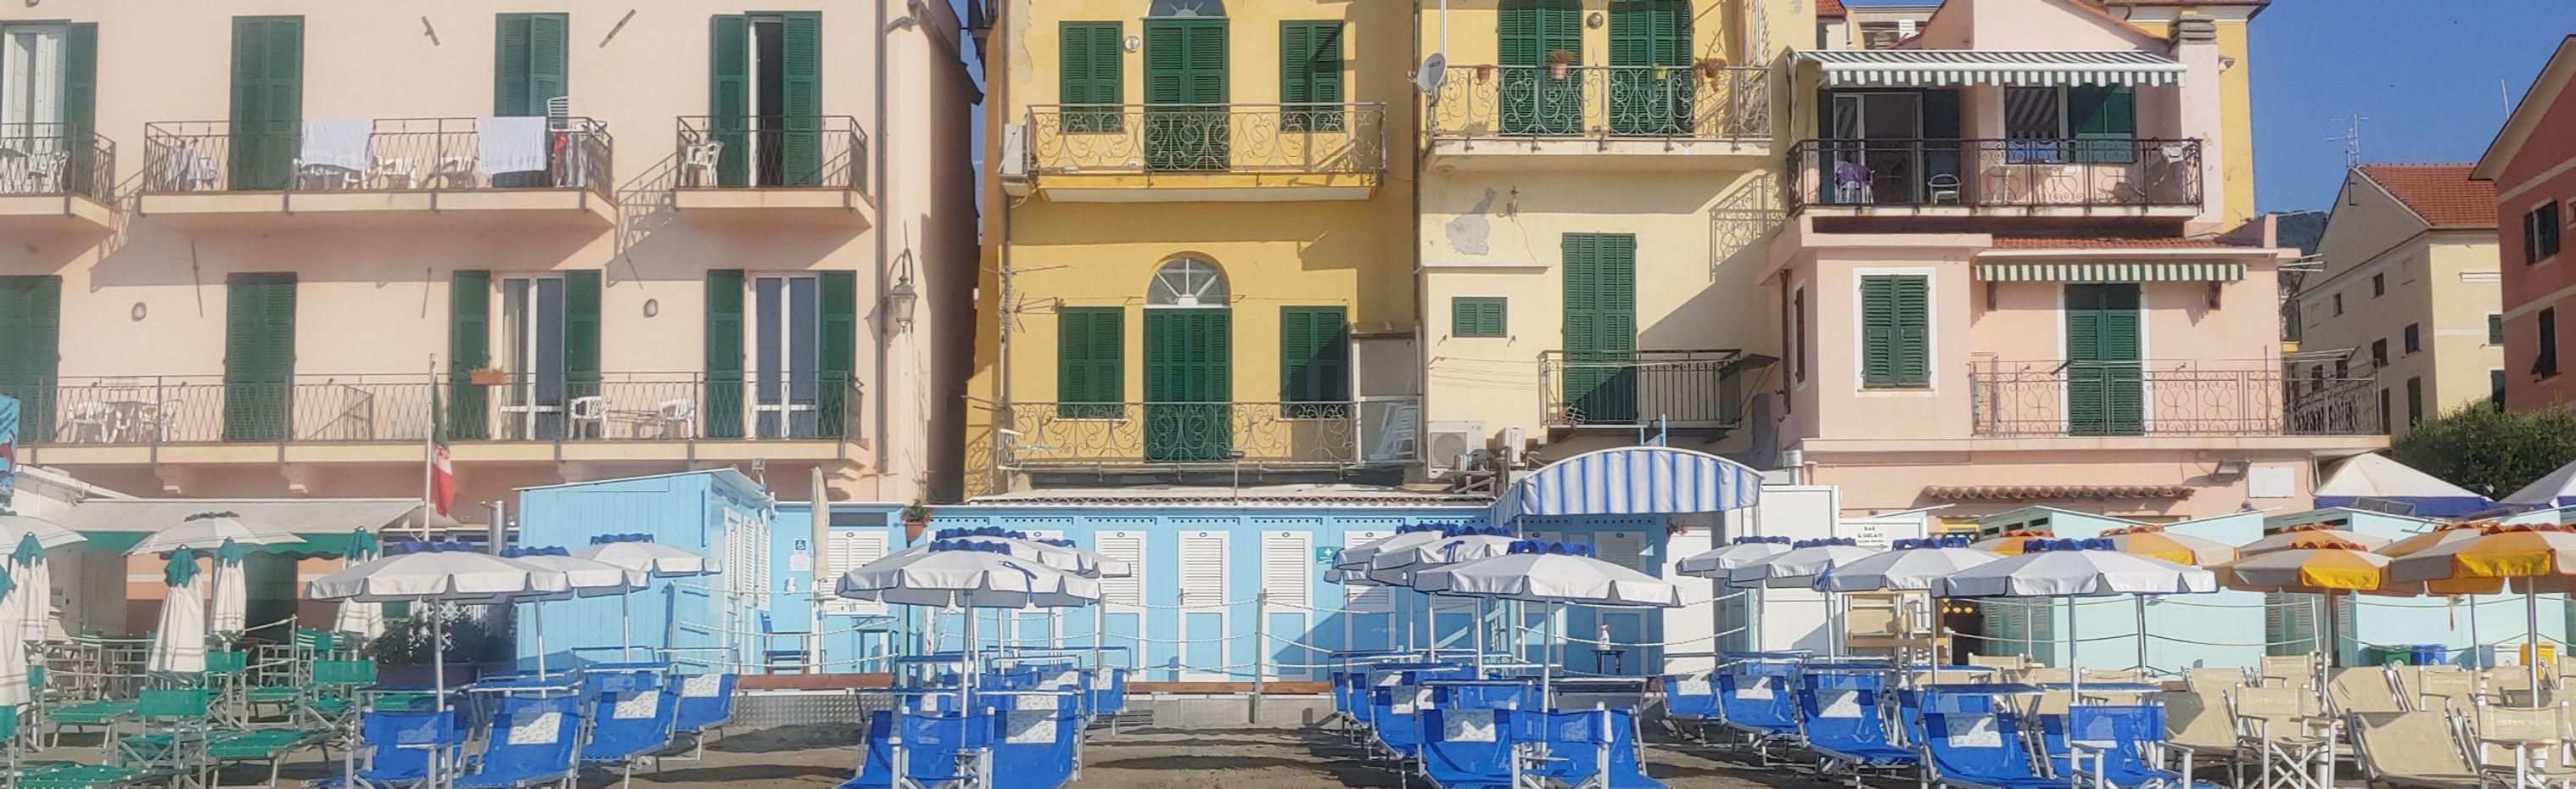 Bagni Nuccio